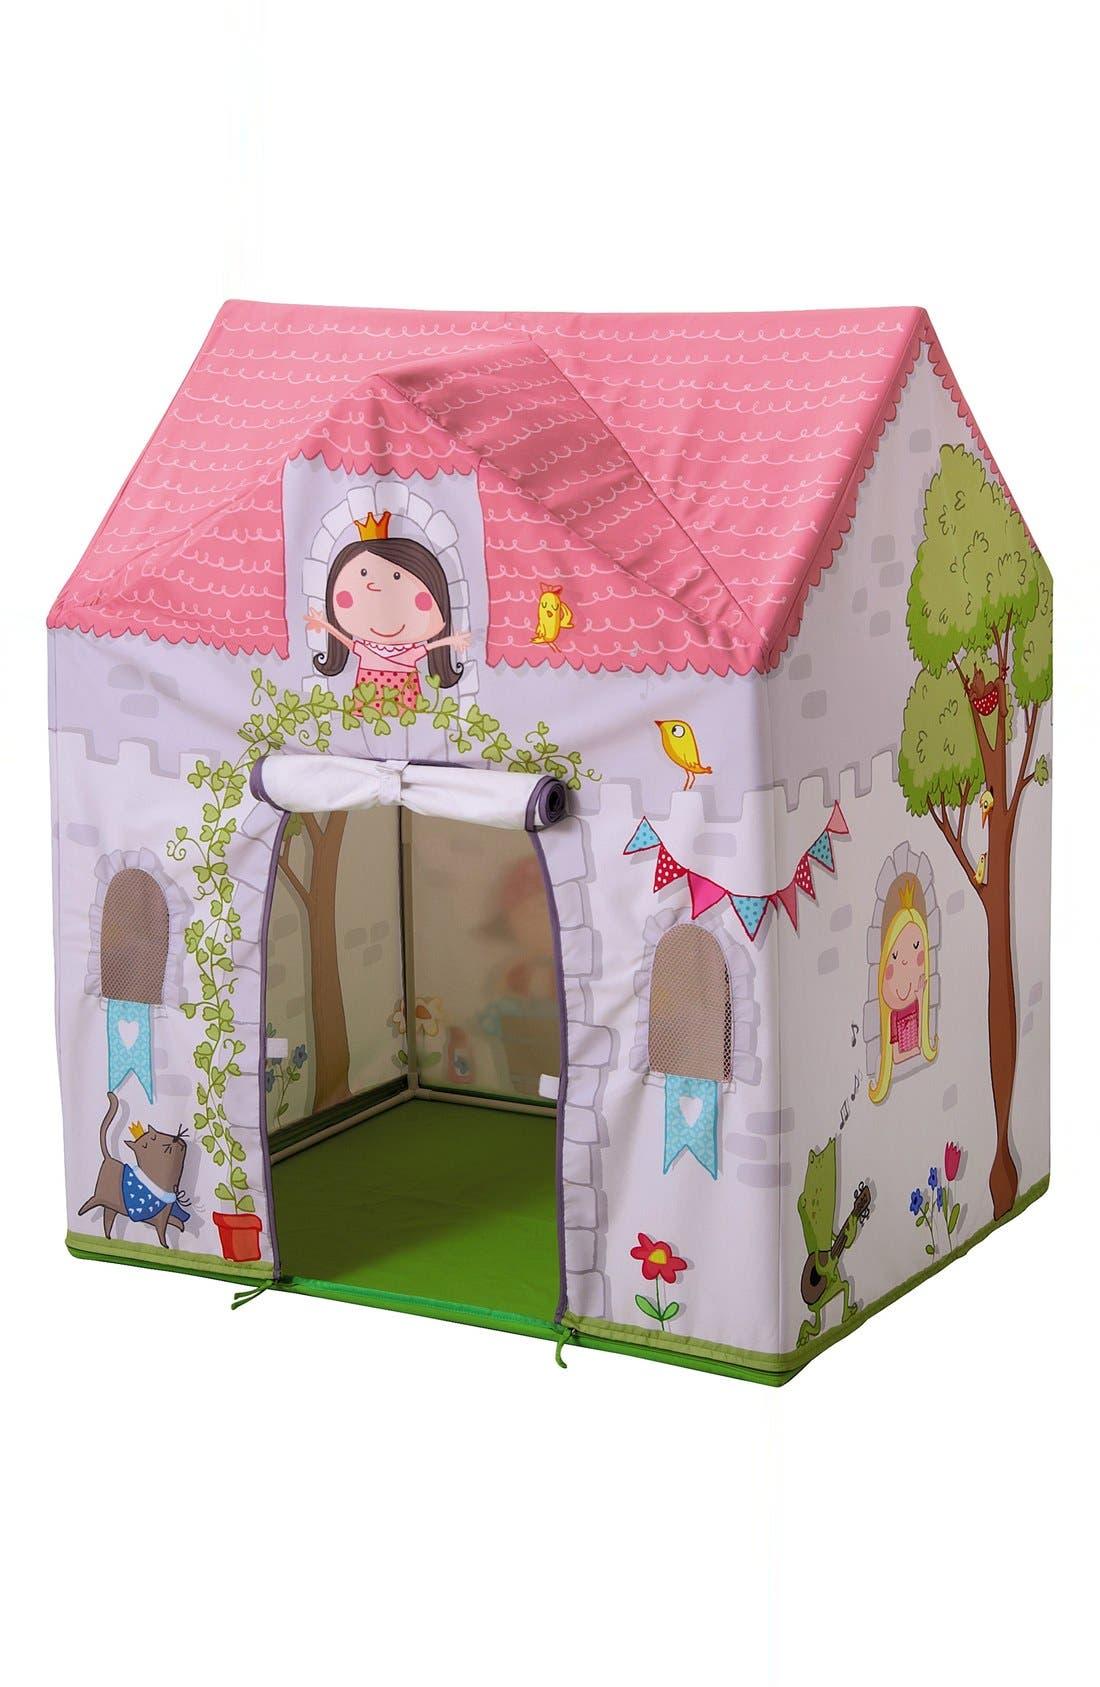 'Princess Rosalina' Play Tent,                             Main thumbnail 1, color,                             Pink